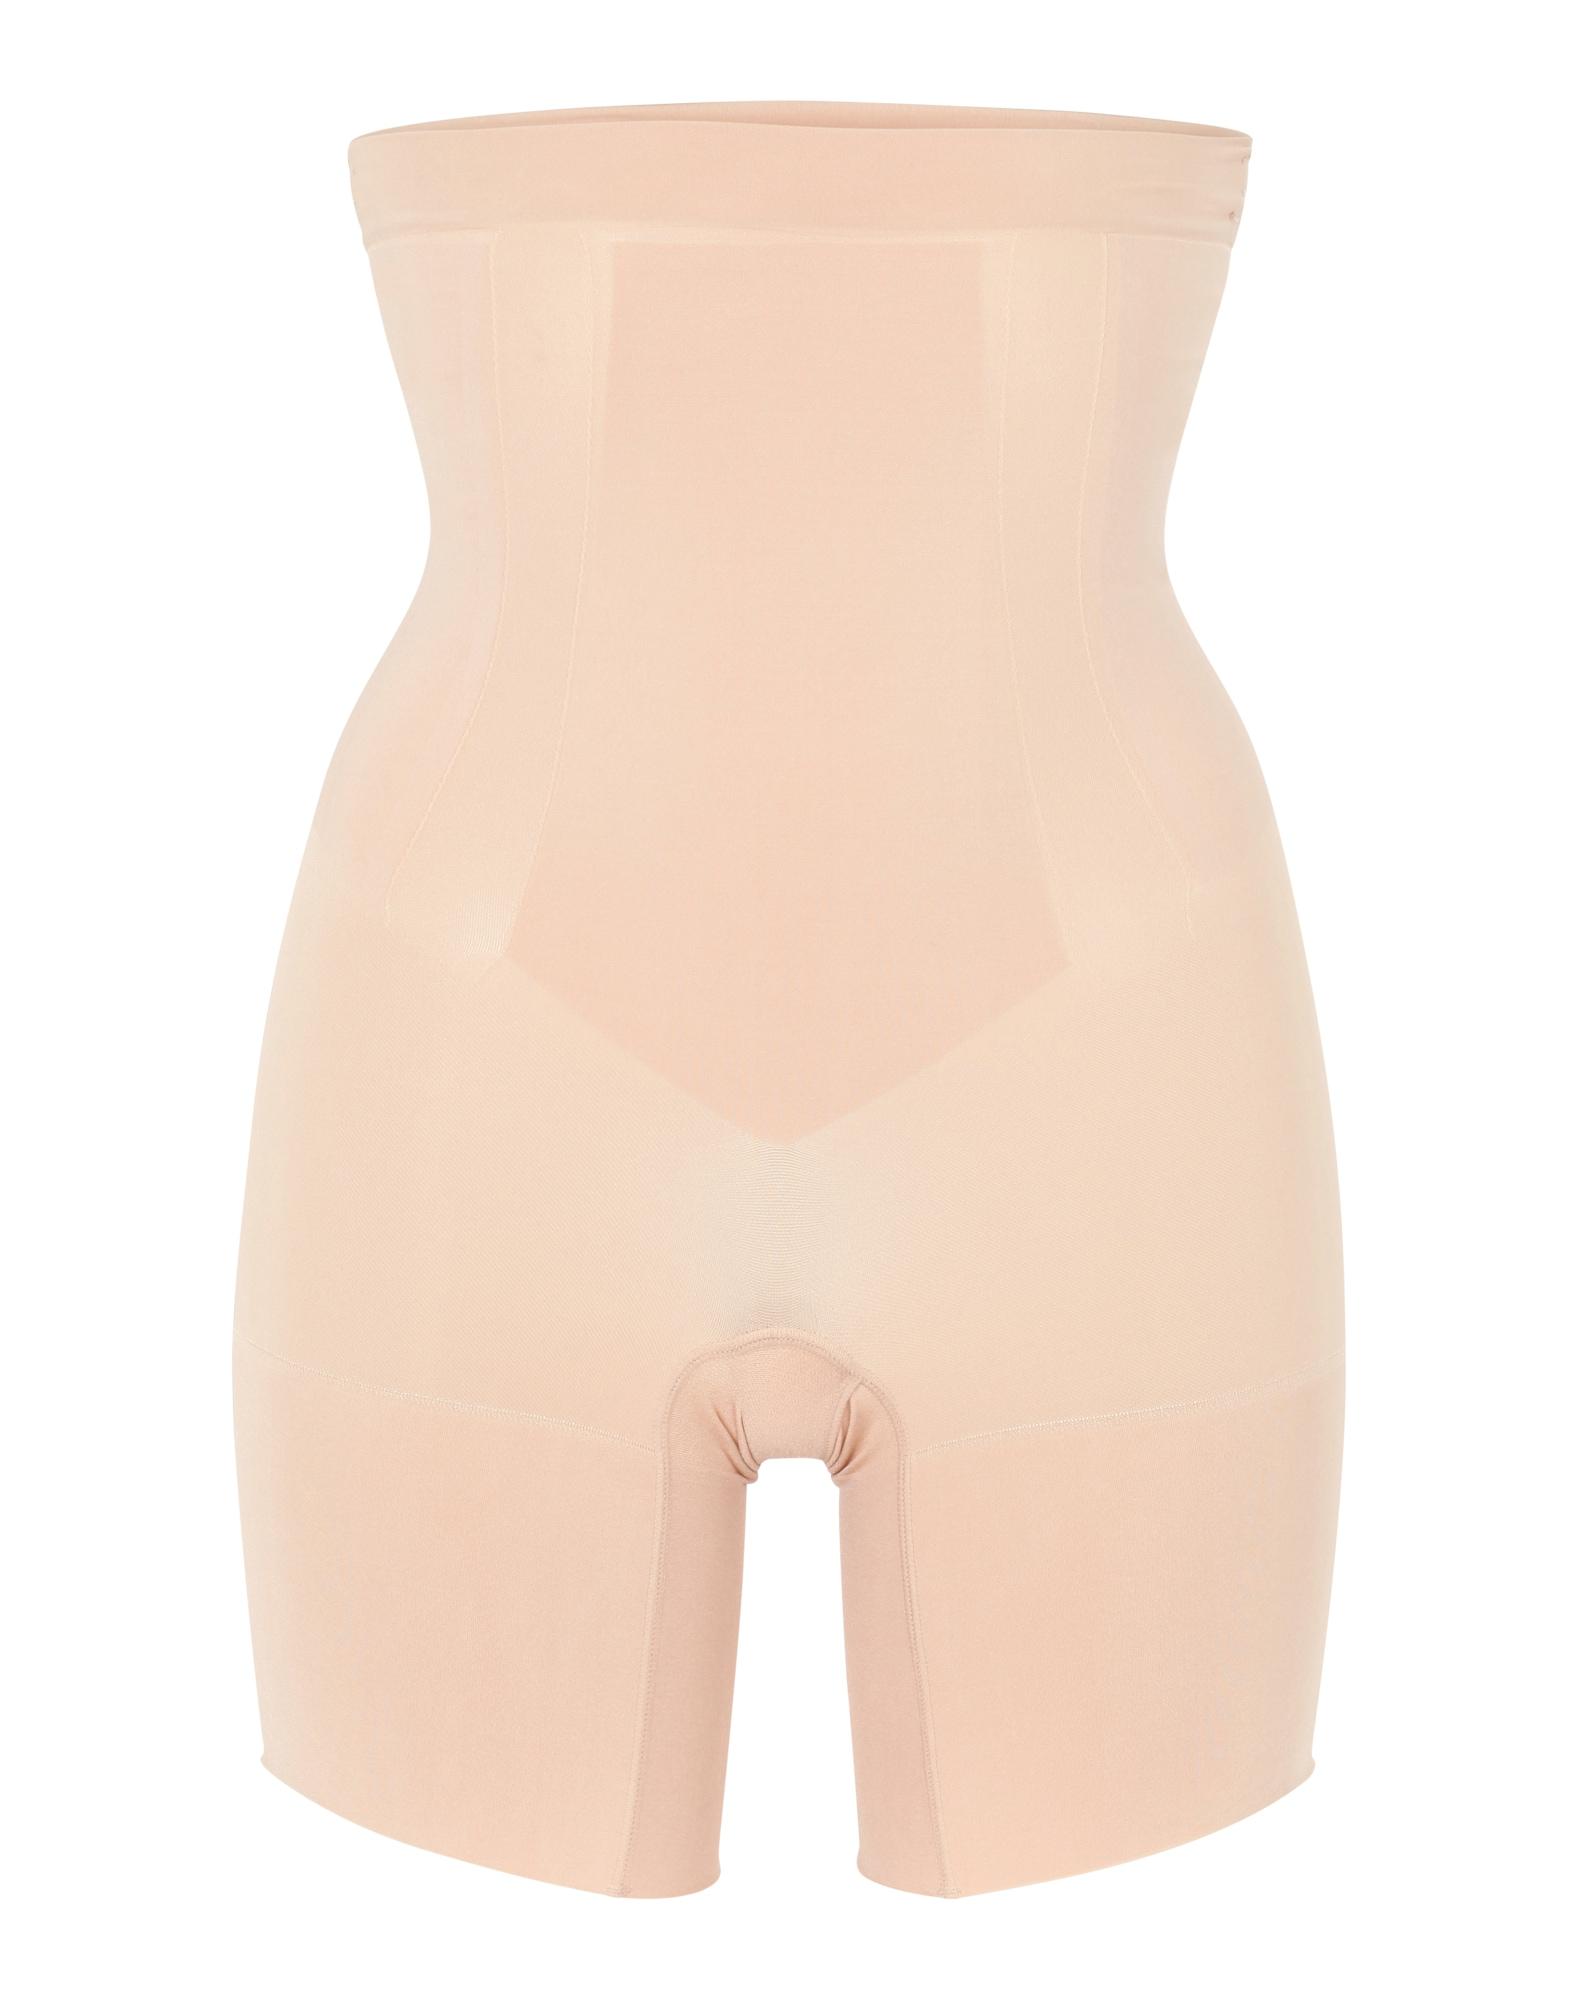 Stahovací kalhotky Oncore tělová SPANX